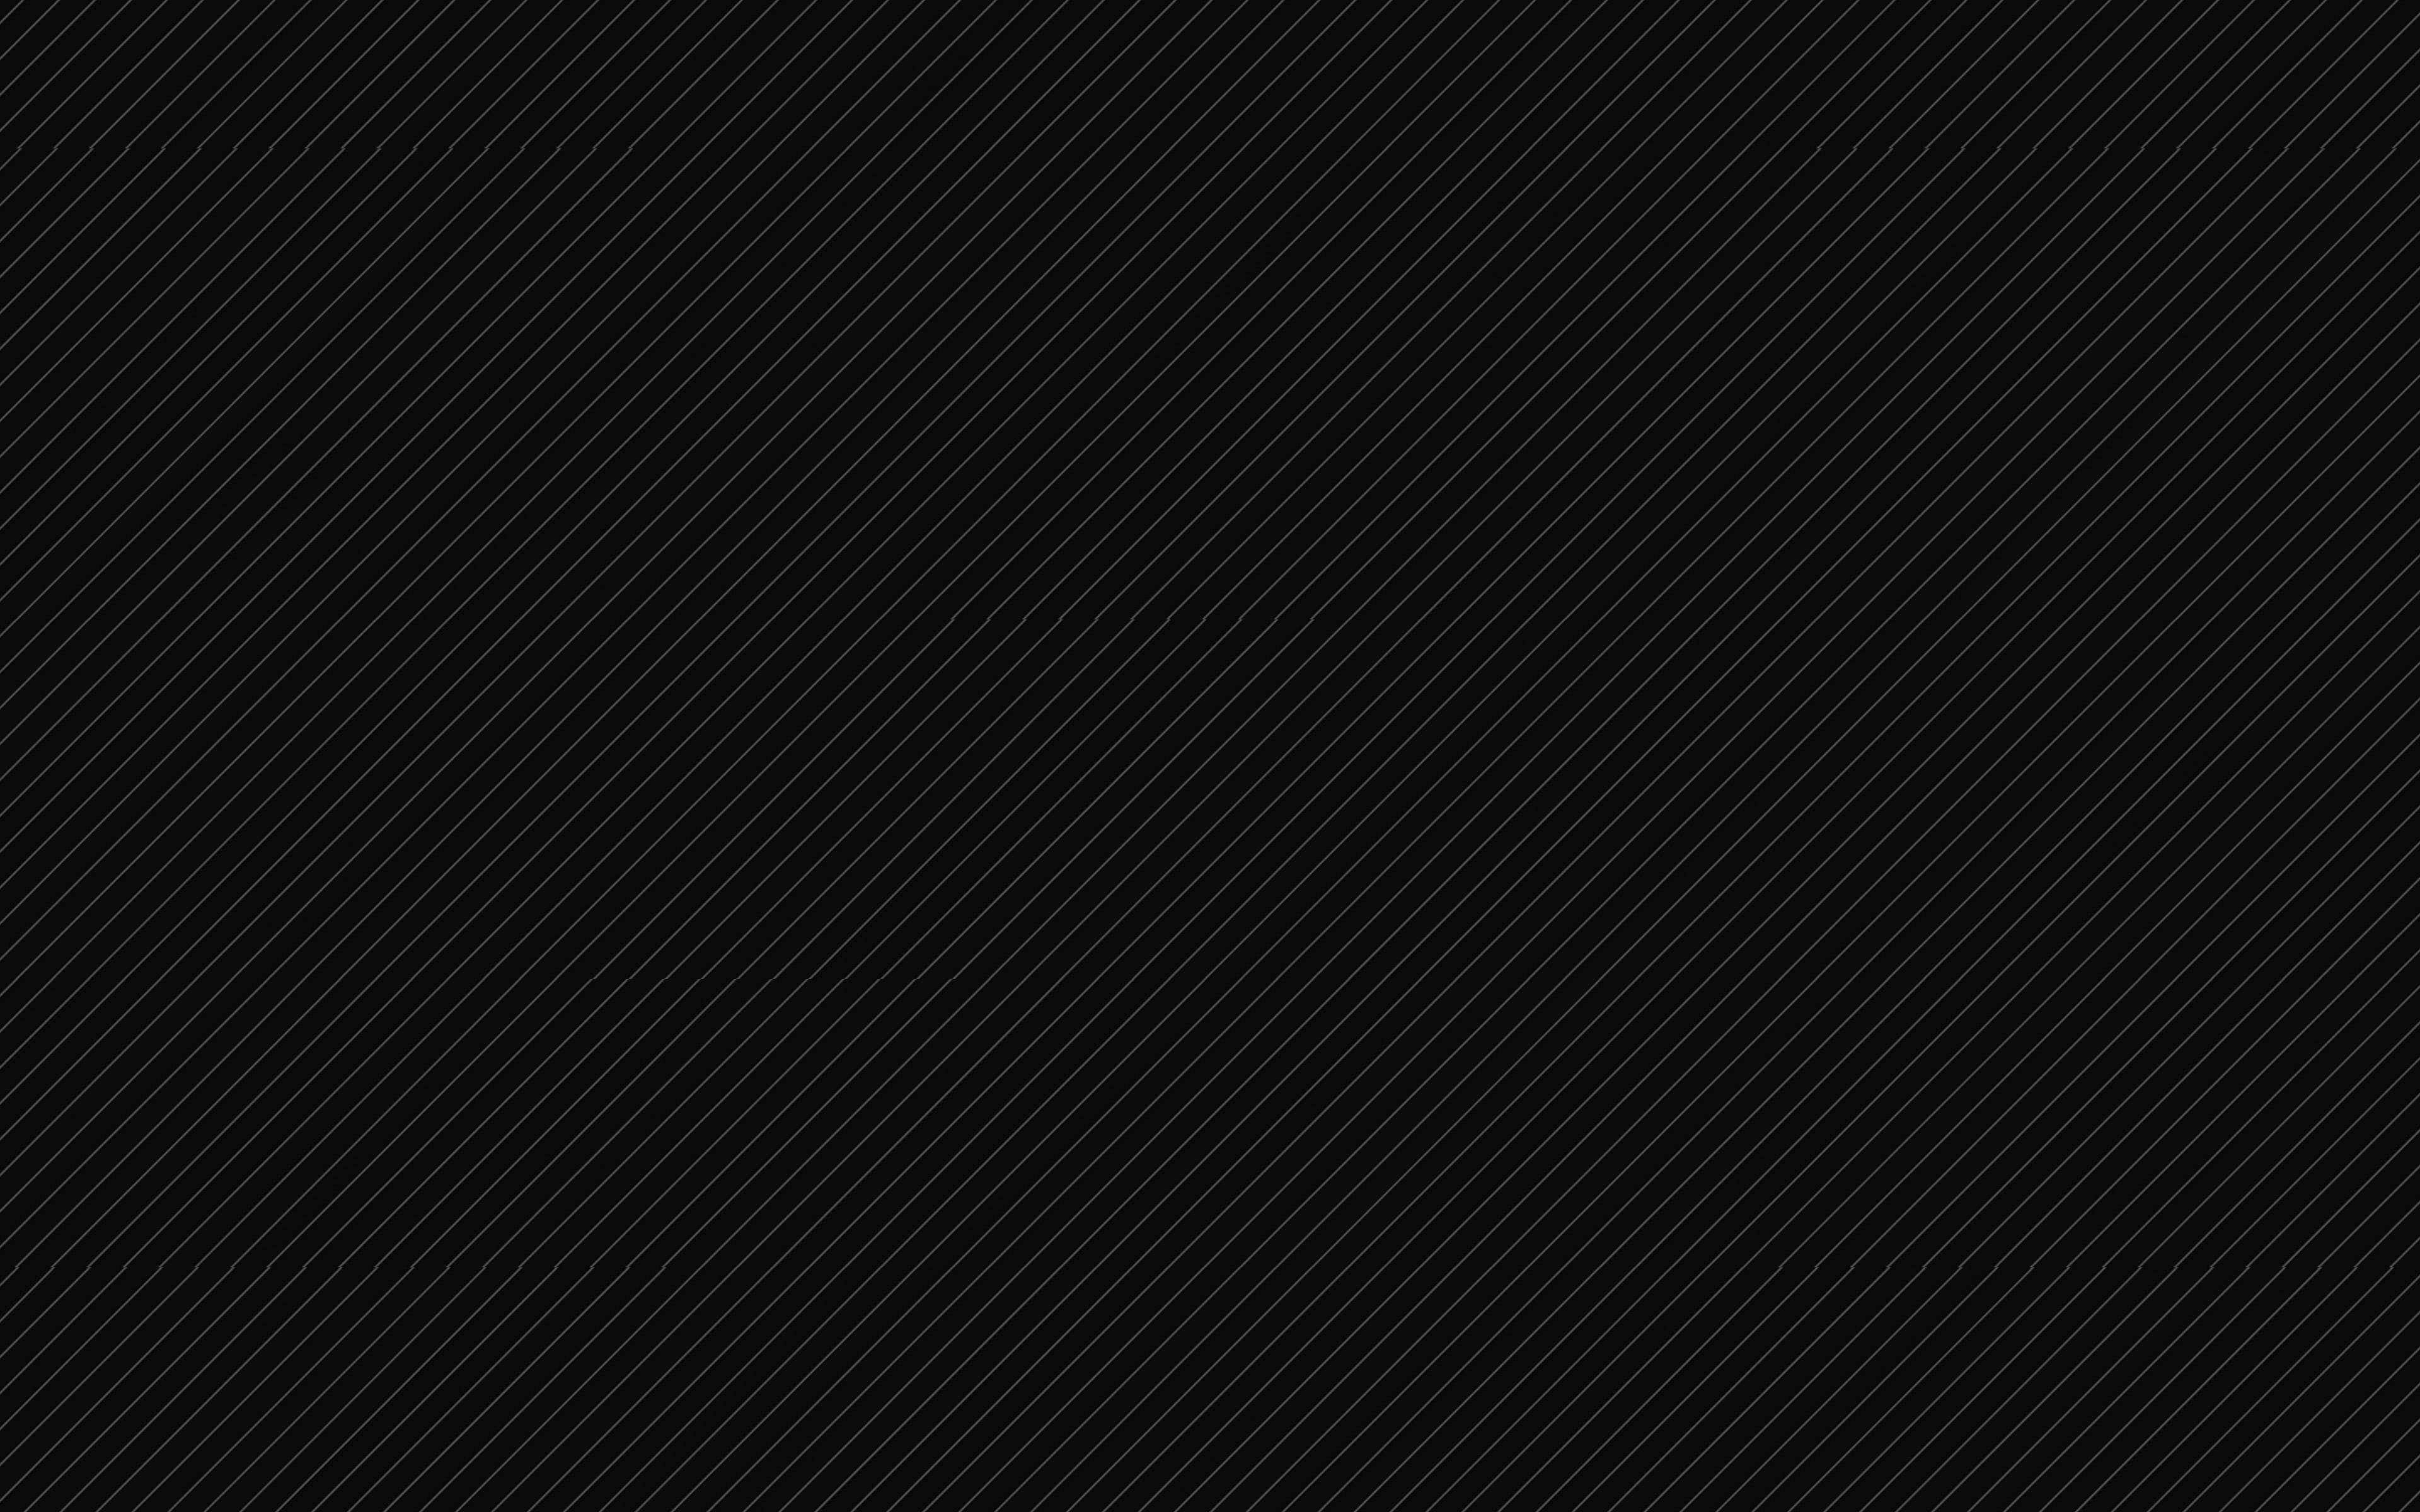 Vy17-line-dark-pattern-background-black-wallpaper